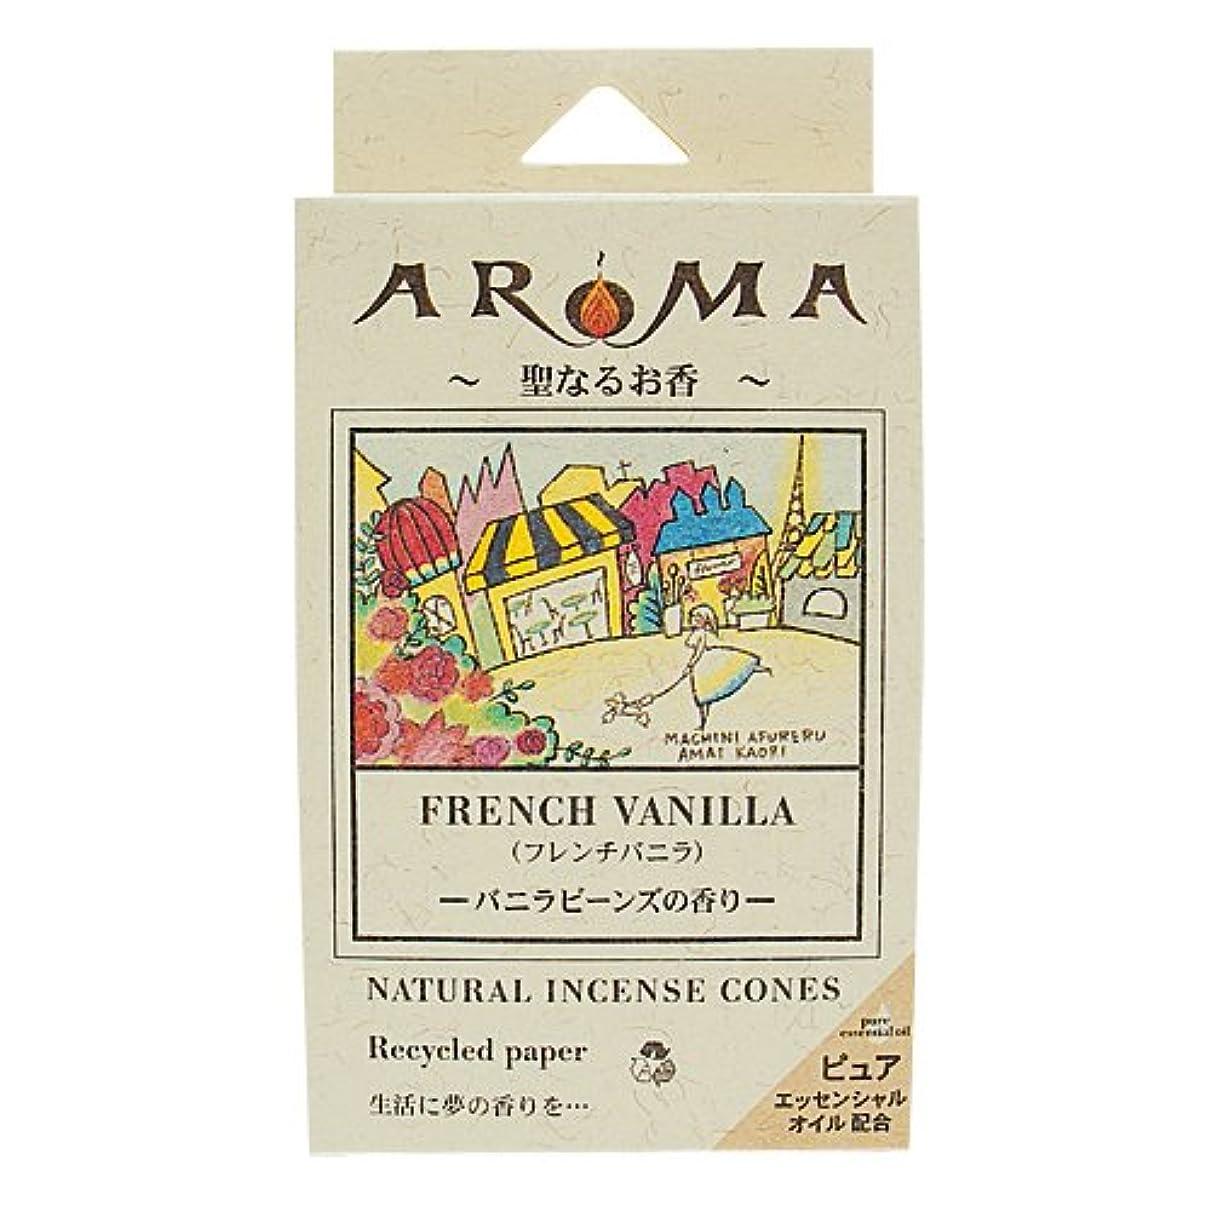 注釈を付ける確立決済アロマ香 フレンチバニラ 16粒(コーンタイプインセンス 1粒の燃焼時間約20分 バニラビーンズの香り)